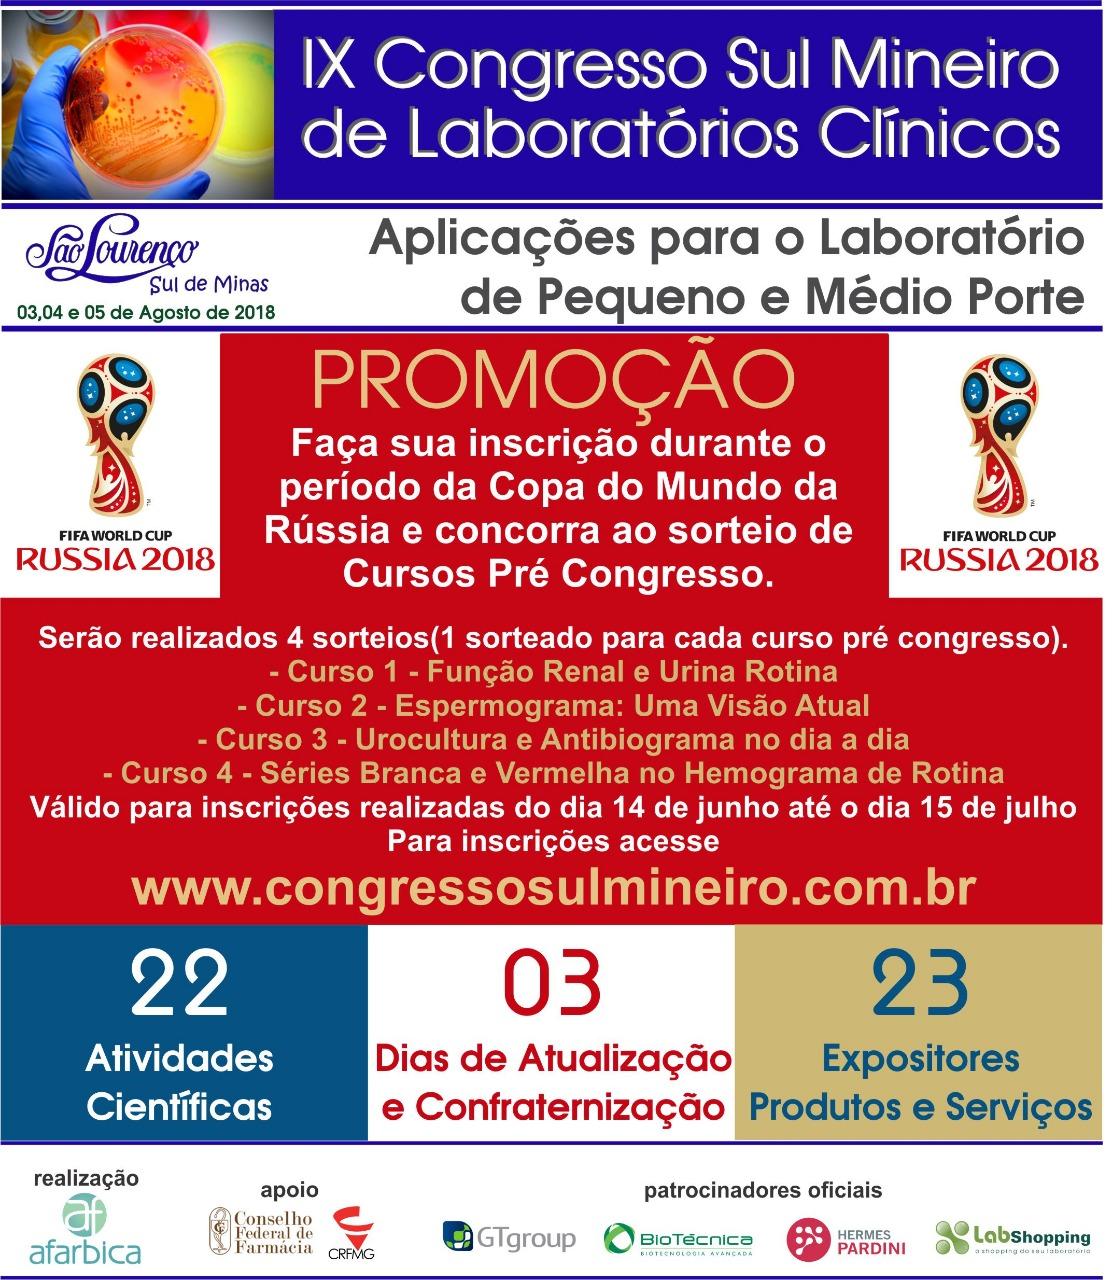 IX Congresso Sul Mineiro de Laboratórios Clínicos